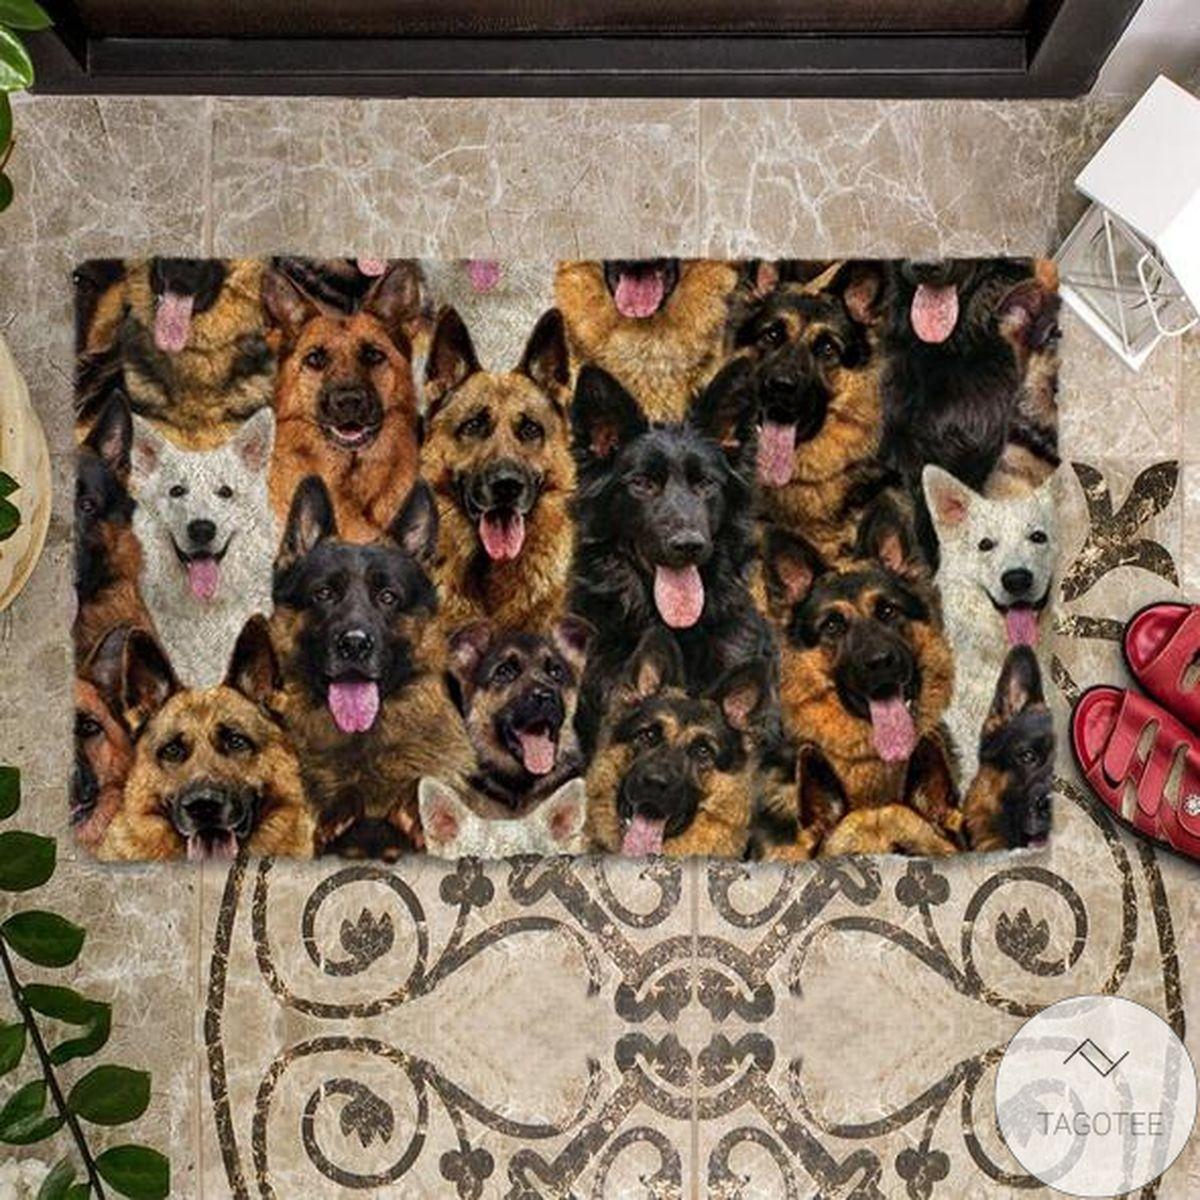 Free A Bunch Of German Shepherds Doormat